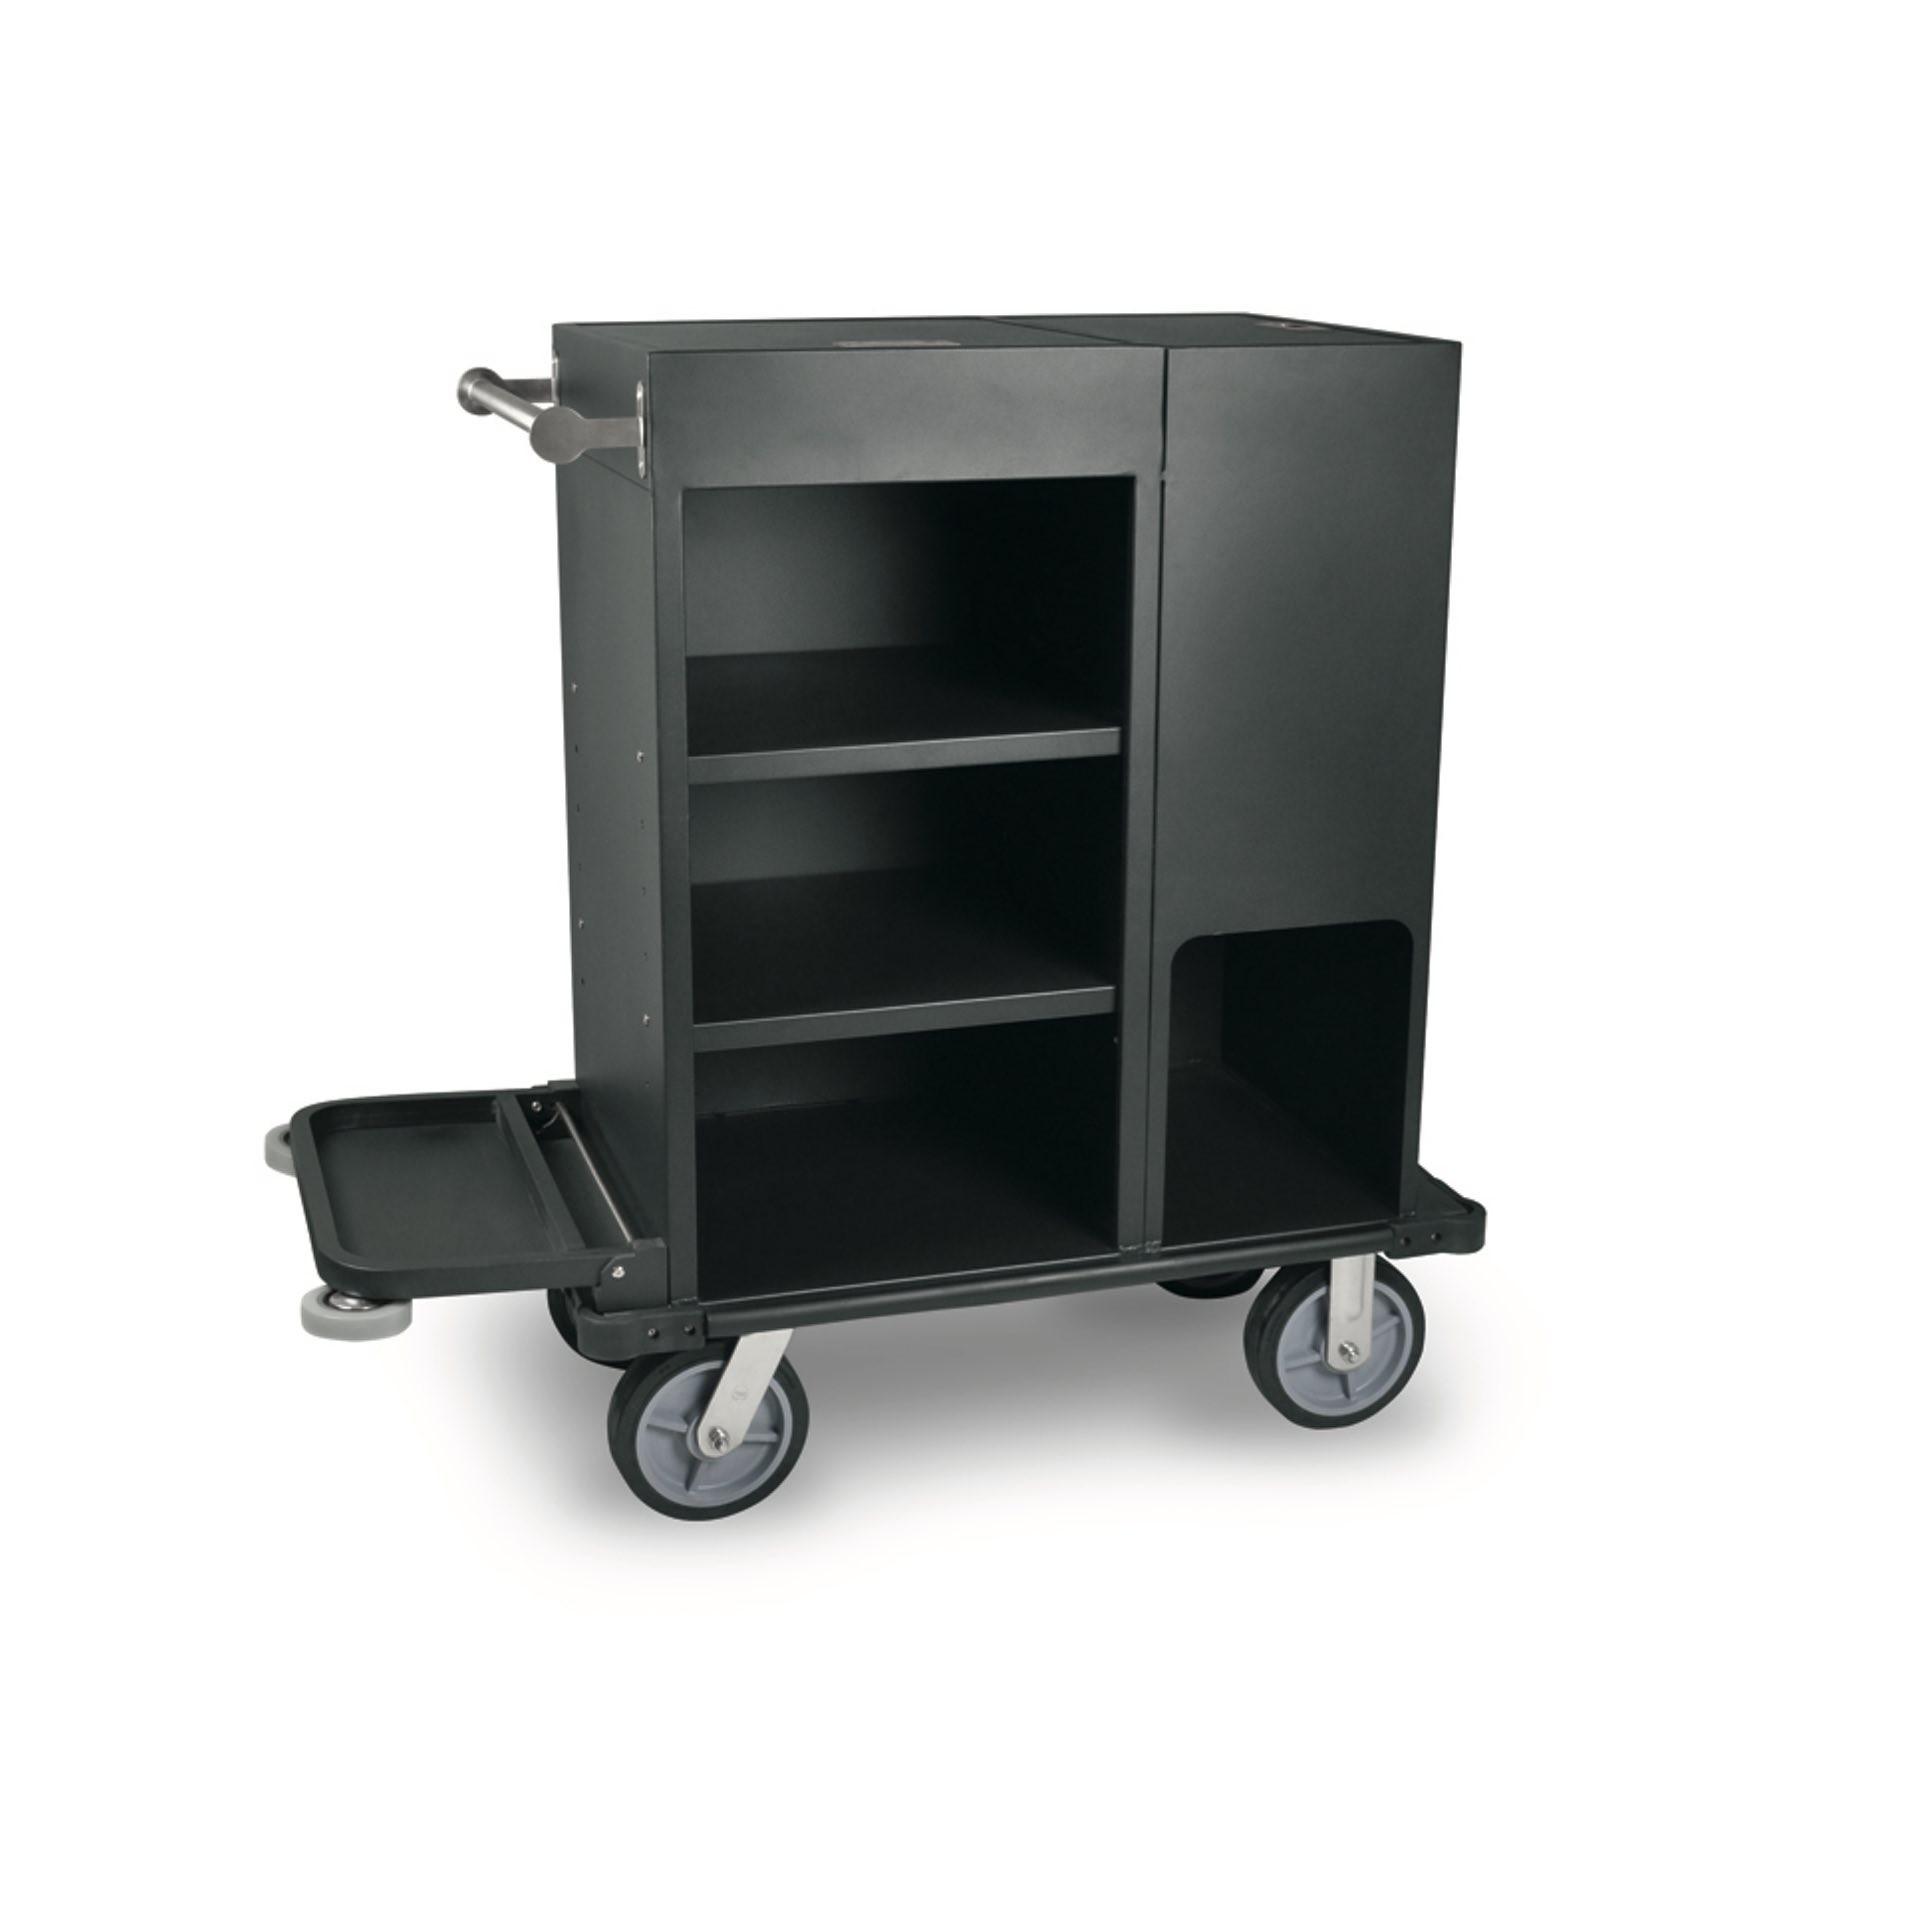 zimmerservicewagen aluminium schwarz g nstig kaufen. Black Bedroom Furniture Sets. Home Design Ideas